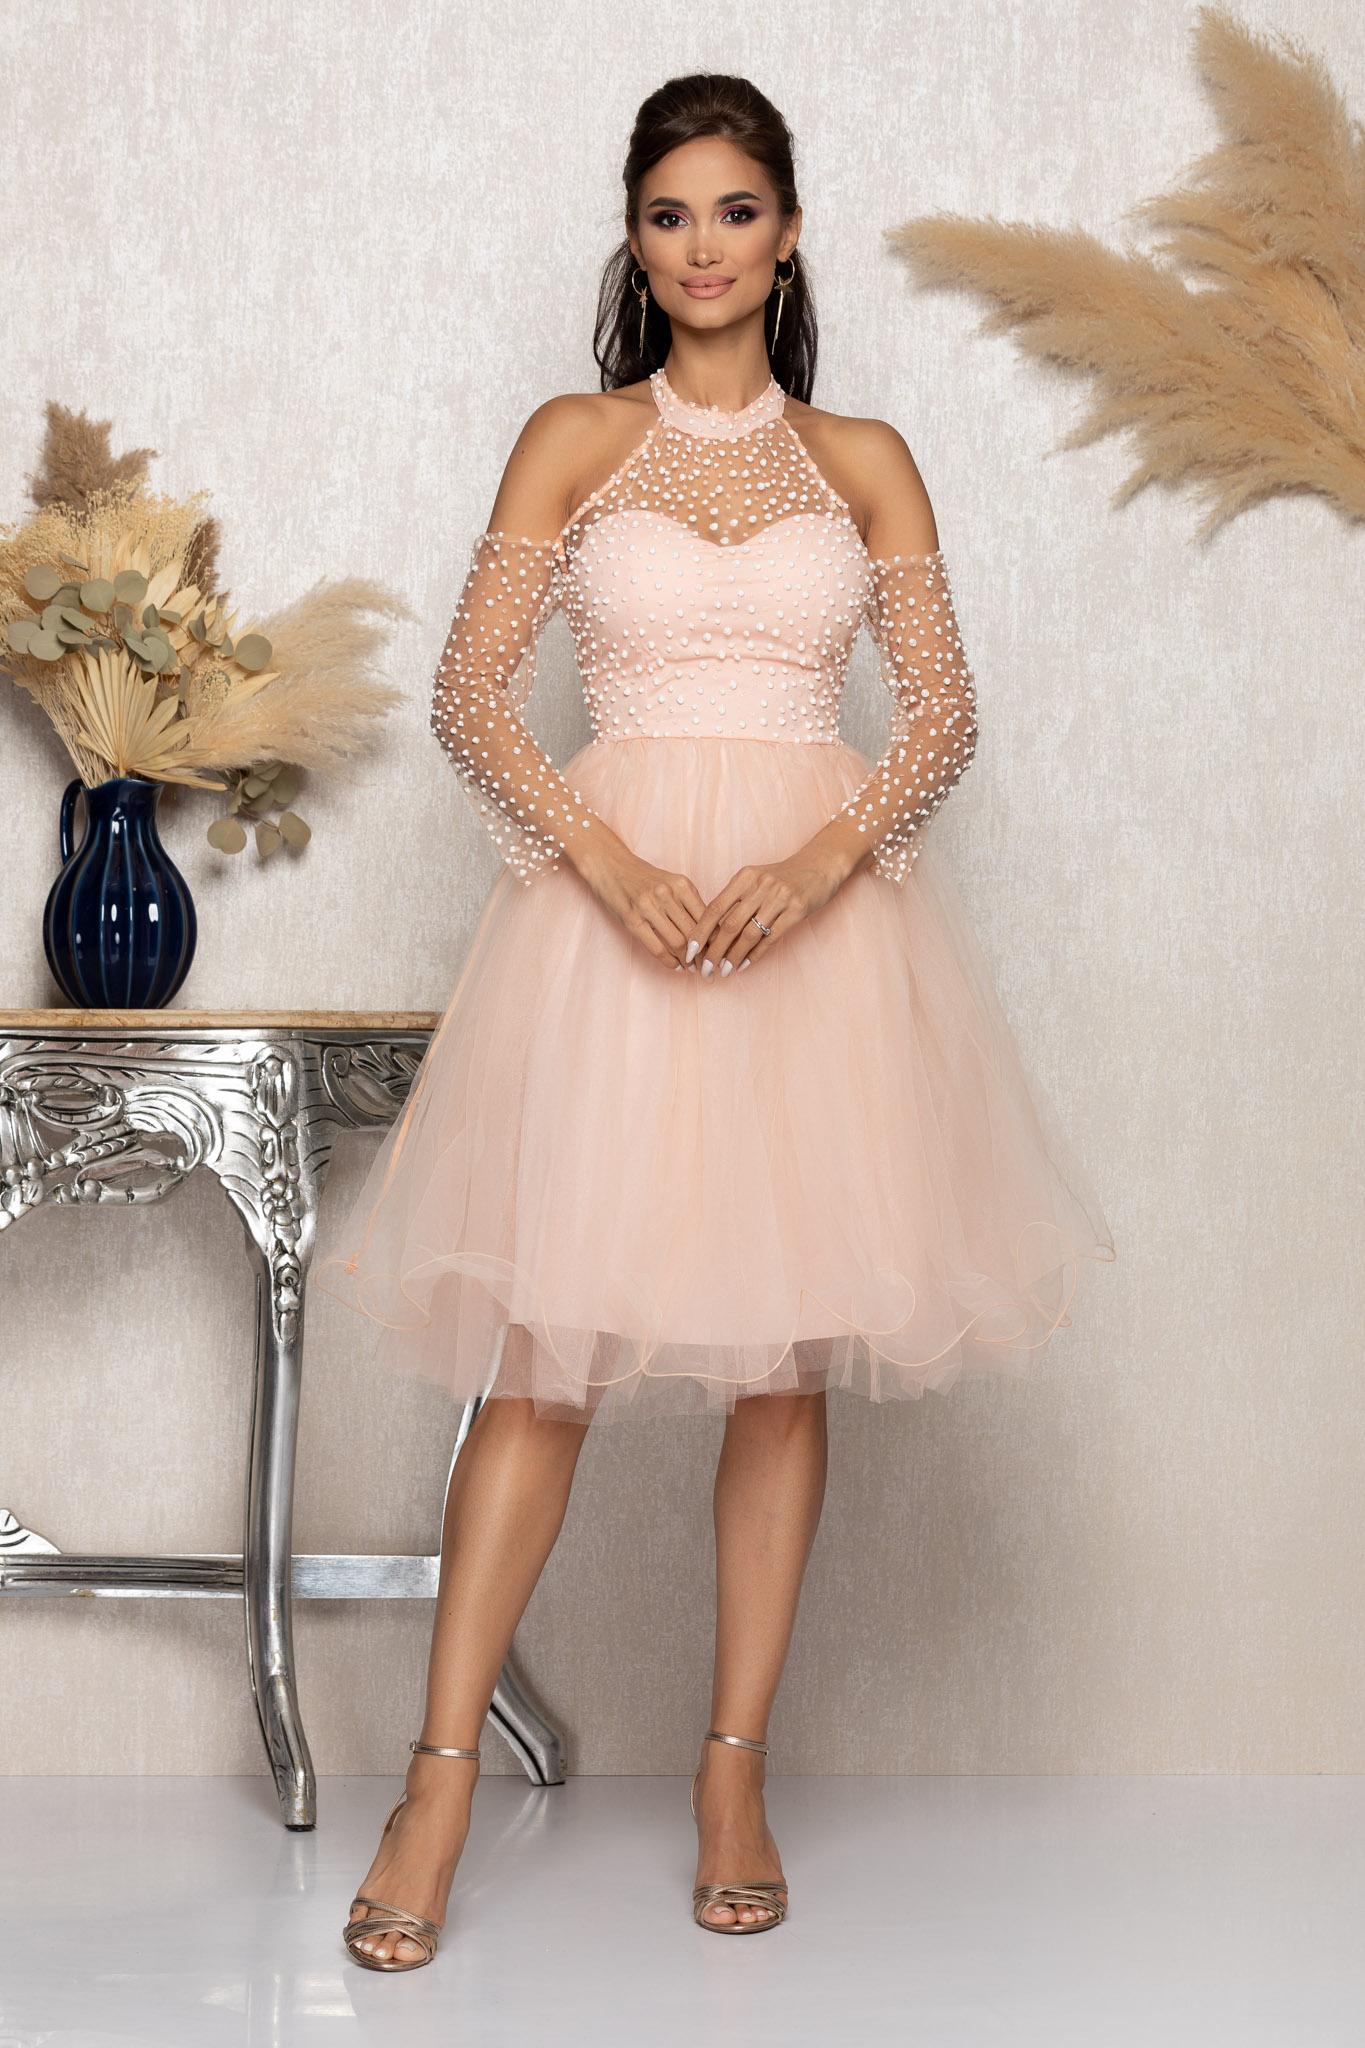 Rochie Barby Rose Marimi Mari M (38)   L (40)   XL (42)   XXL (44)   3XL (46)